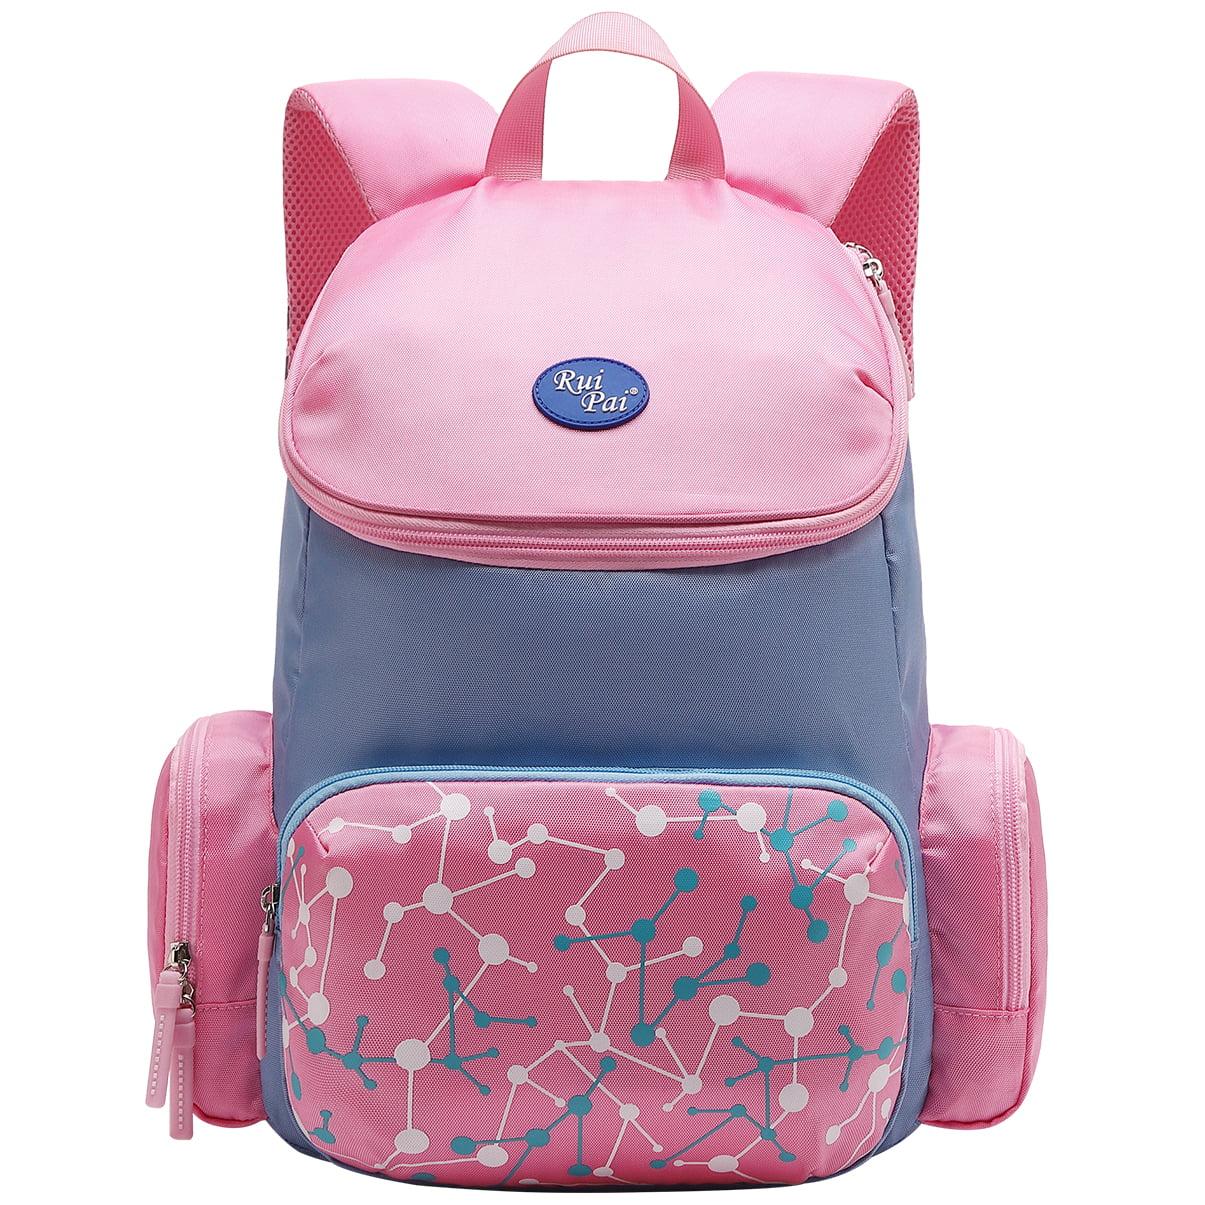 Vbiger School Backpack Adorable Student Shoulders Bag for Elementary Girls Boys, Pink